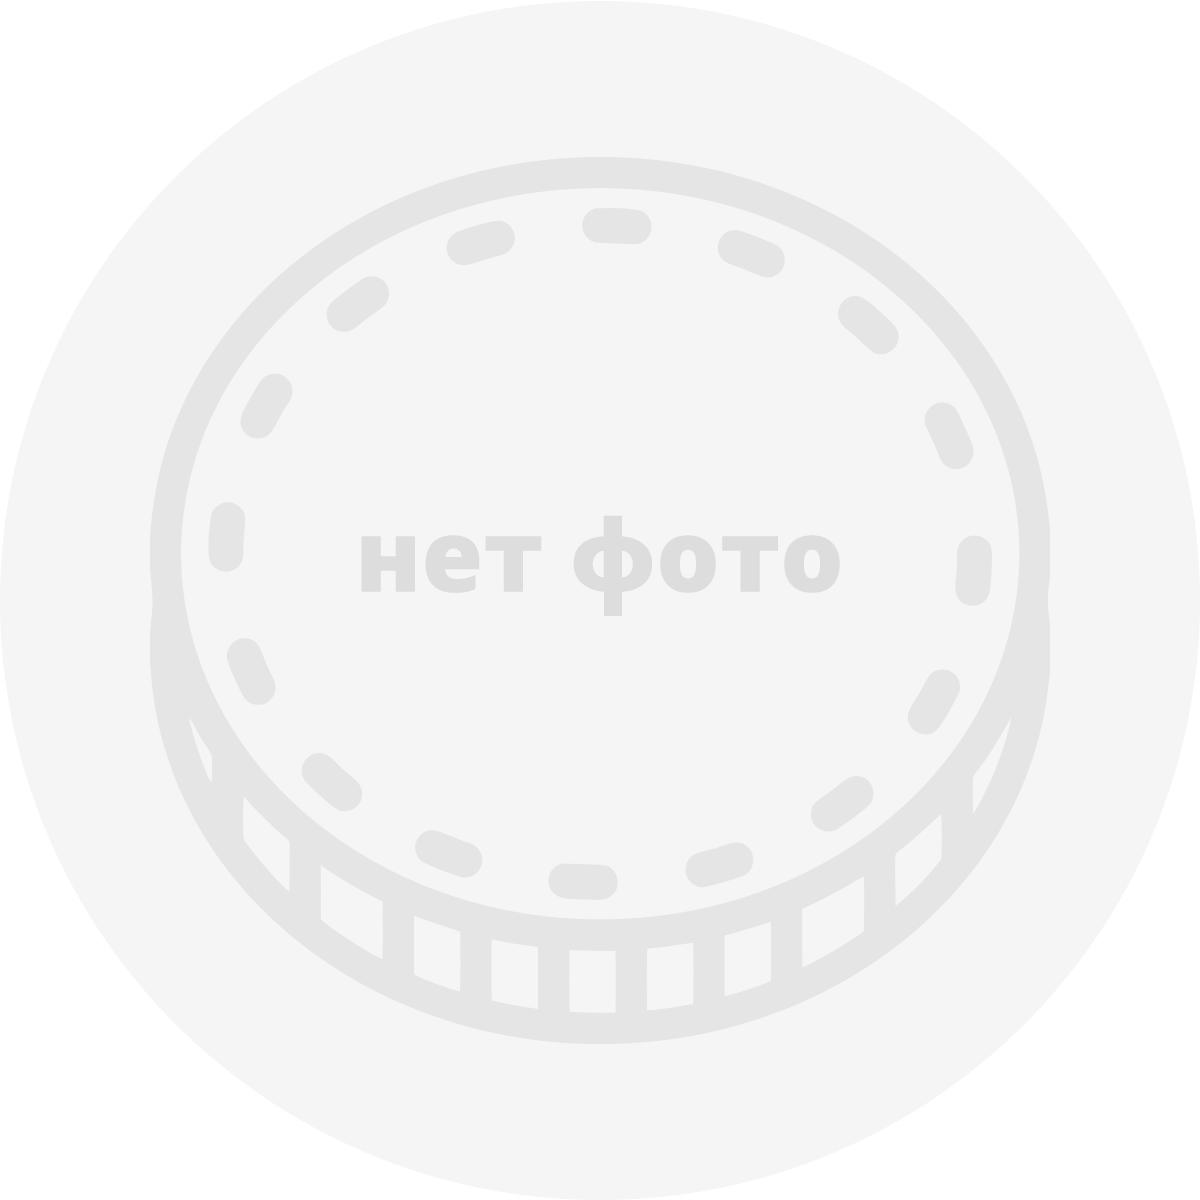 Конго, Демократическая республика, Набор монет (2004 г.)